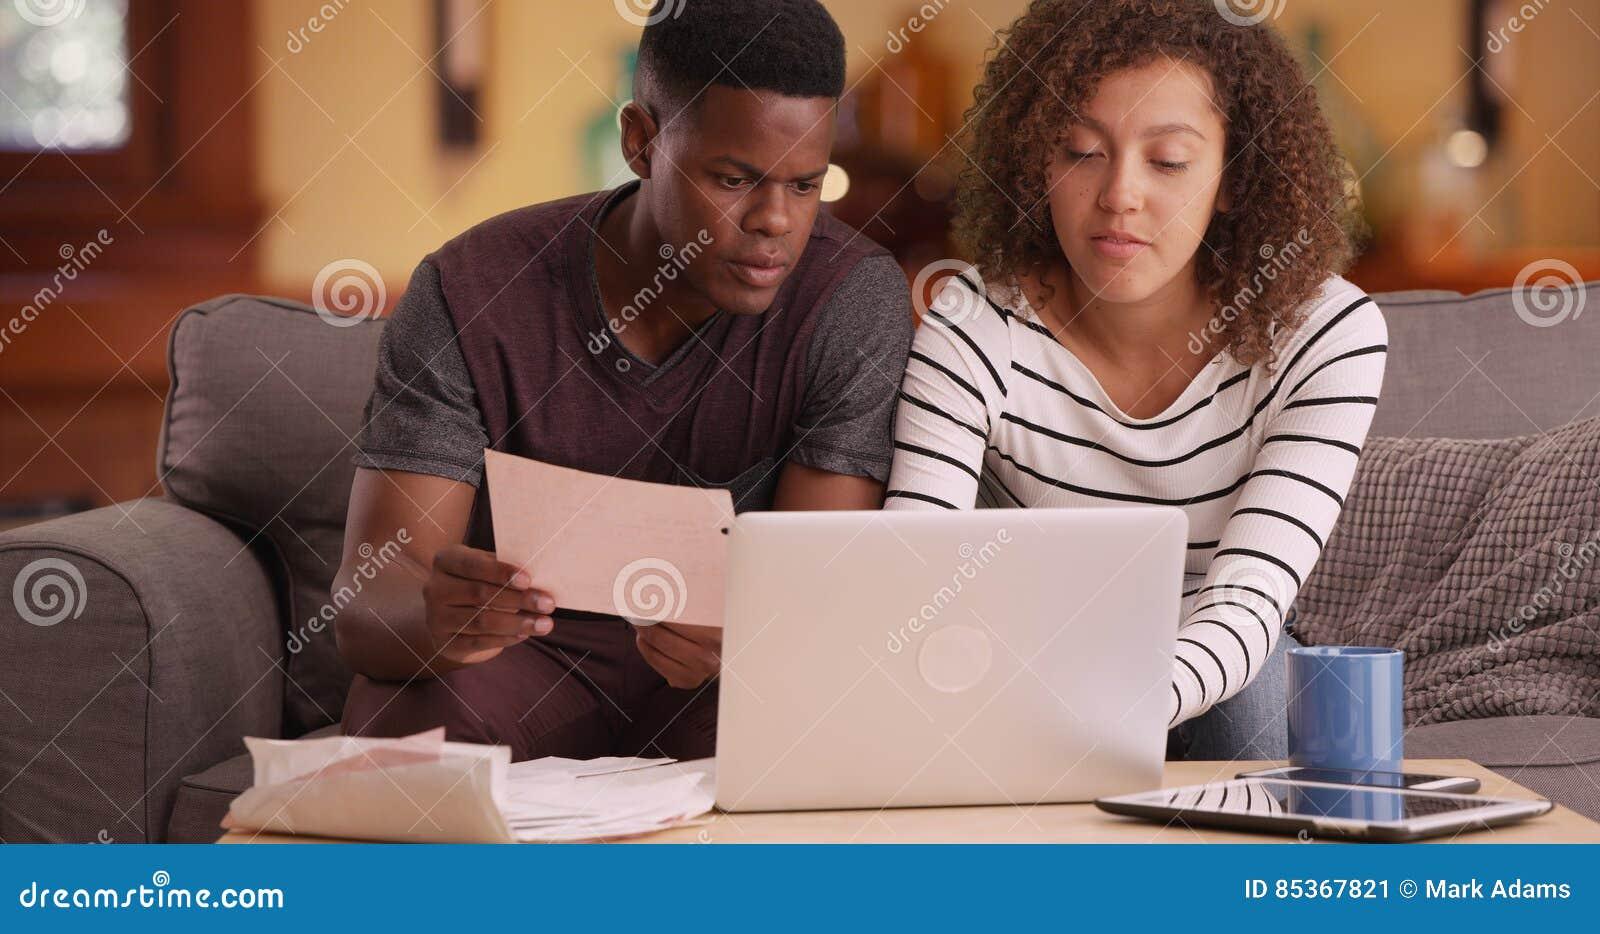 Το ζεύγος αφροαμερικάνων πληρώνει τους λογαριασμούς τους στο lap-top τους